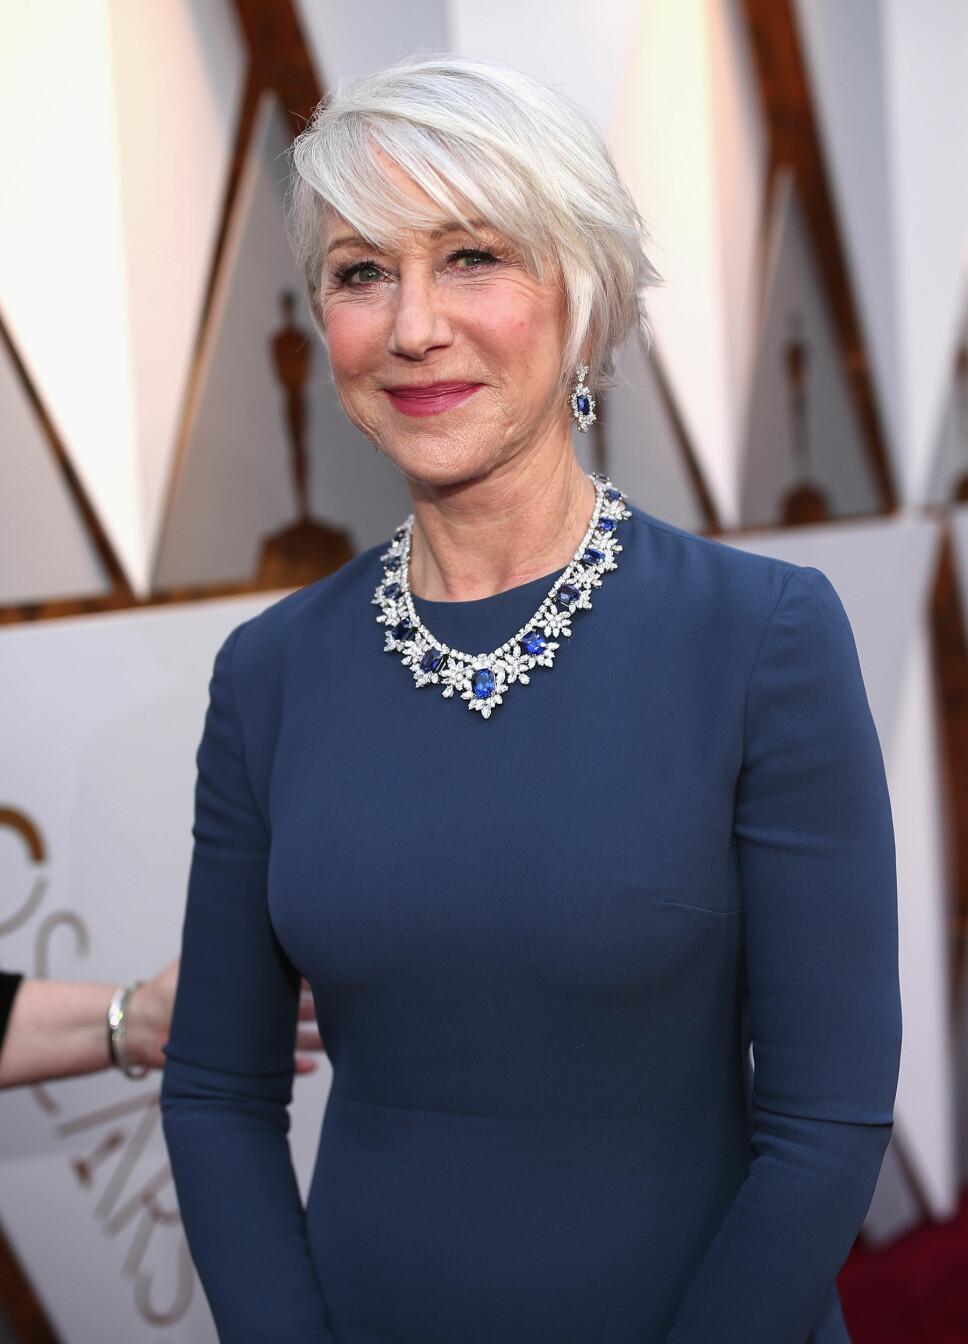 FORENKLET NAVNET: Helen Mirren forenklet sitt fødenavn Ilyena Lydia til Helen da hun skulle satse på skuespillerkarrieren.